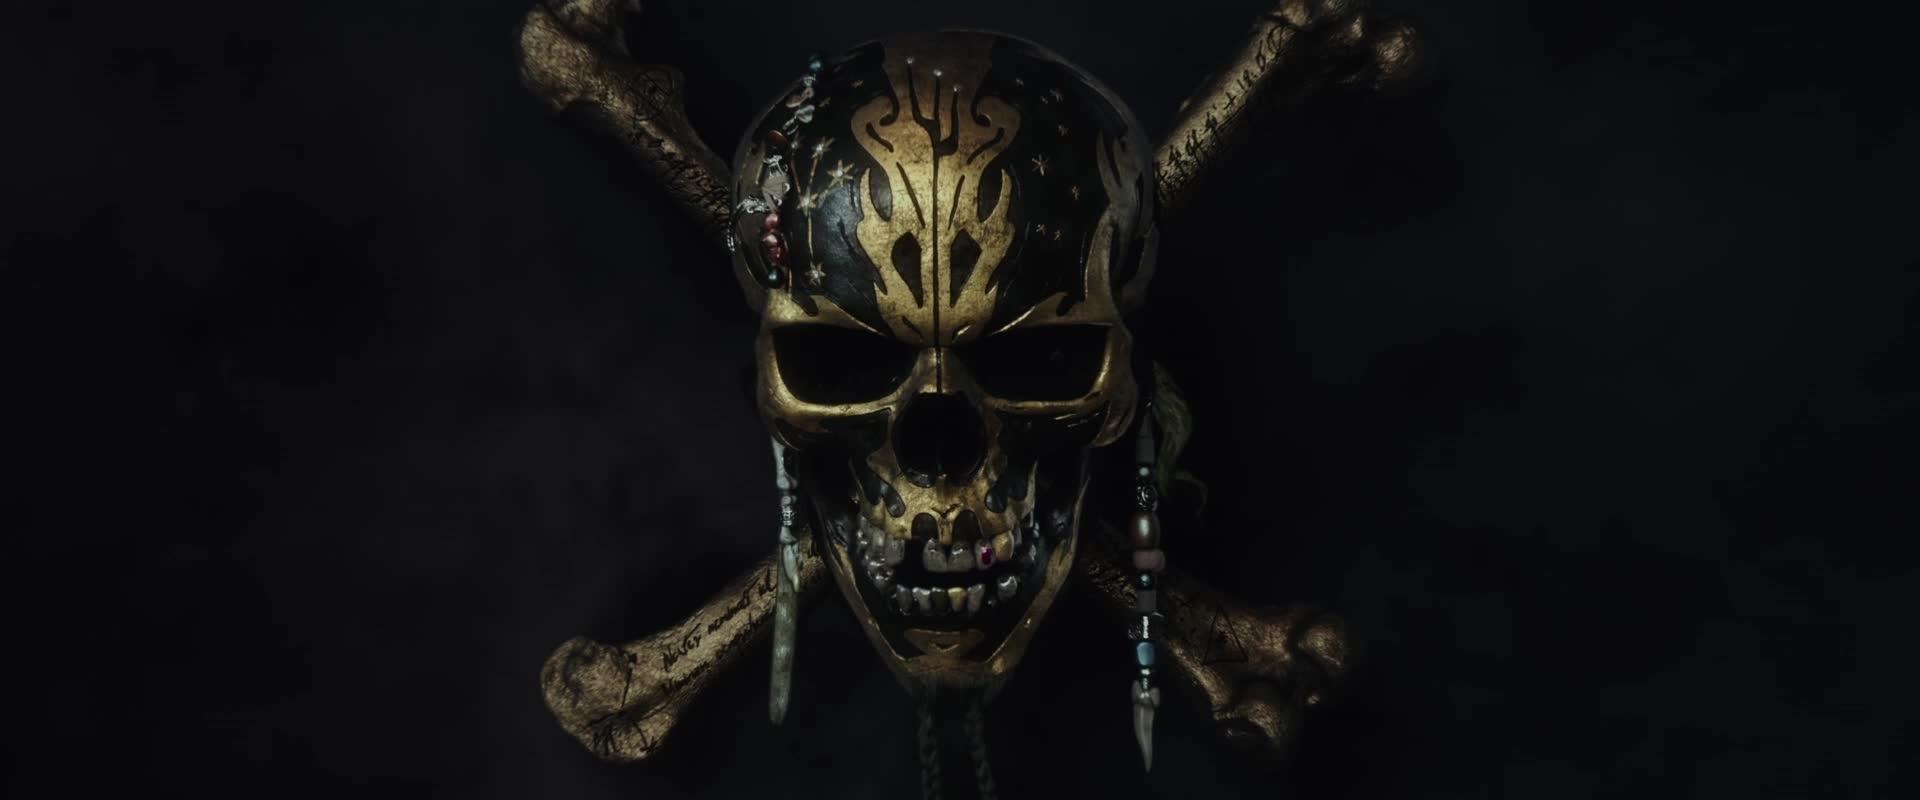 Pirates des Caraïbes : La Vengeance de Salazar - Première bande-annonce